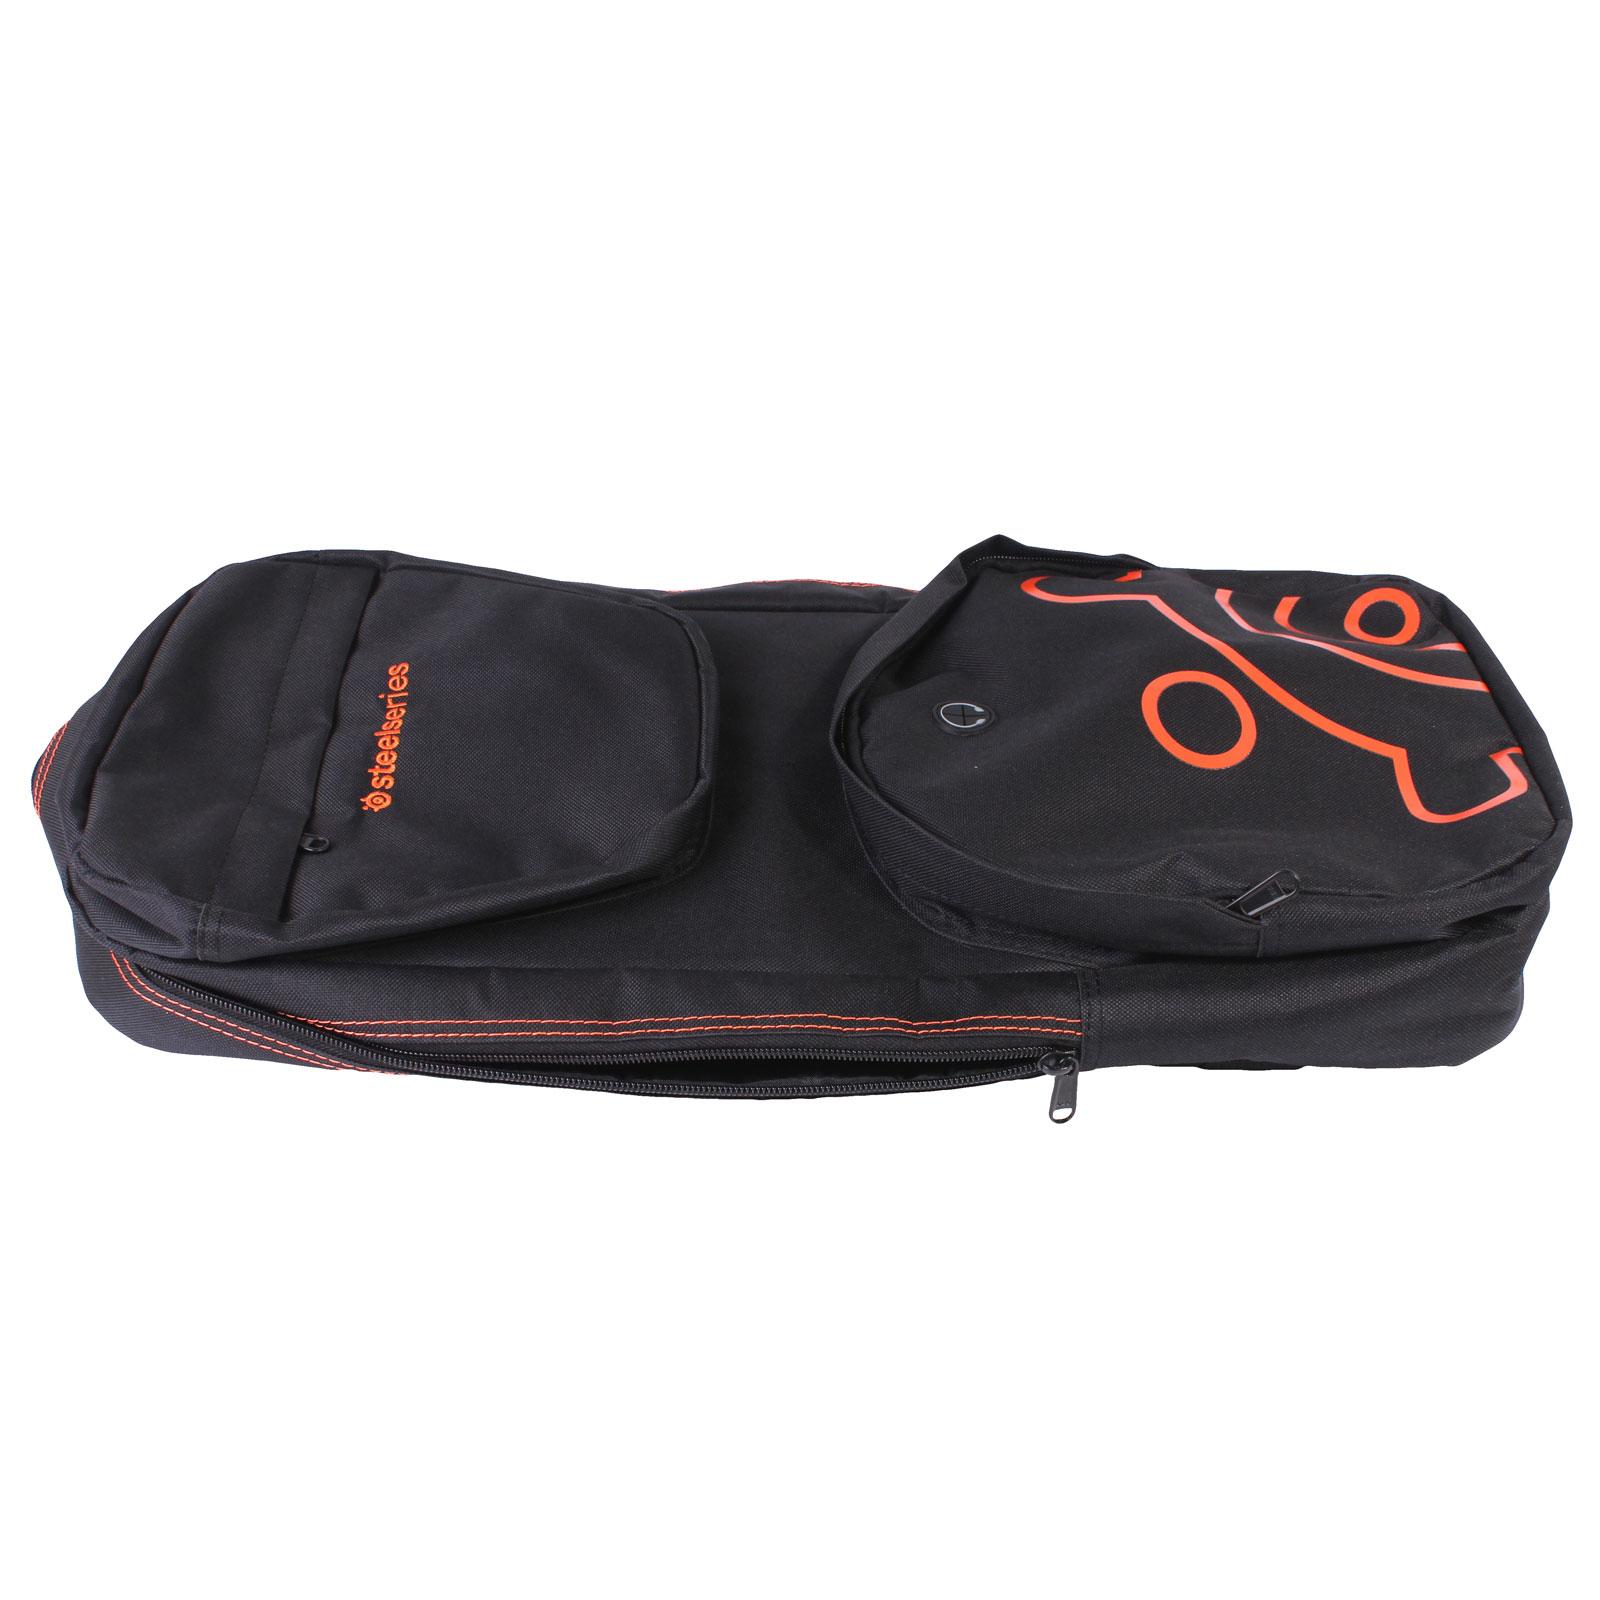 Autres accessoires jeu SteelSeries Apex Keyboard Bag v2 Sac de transport pour clavier SteelSeries Apex